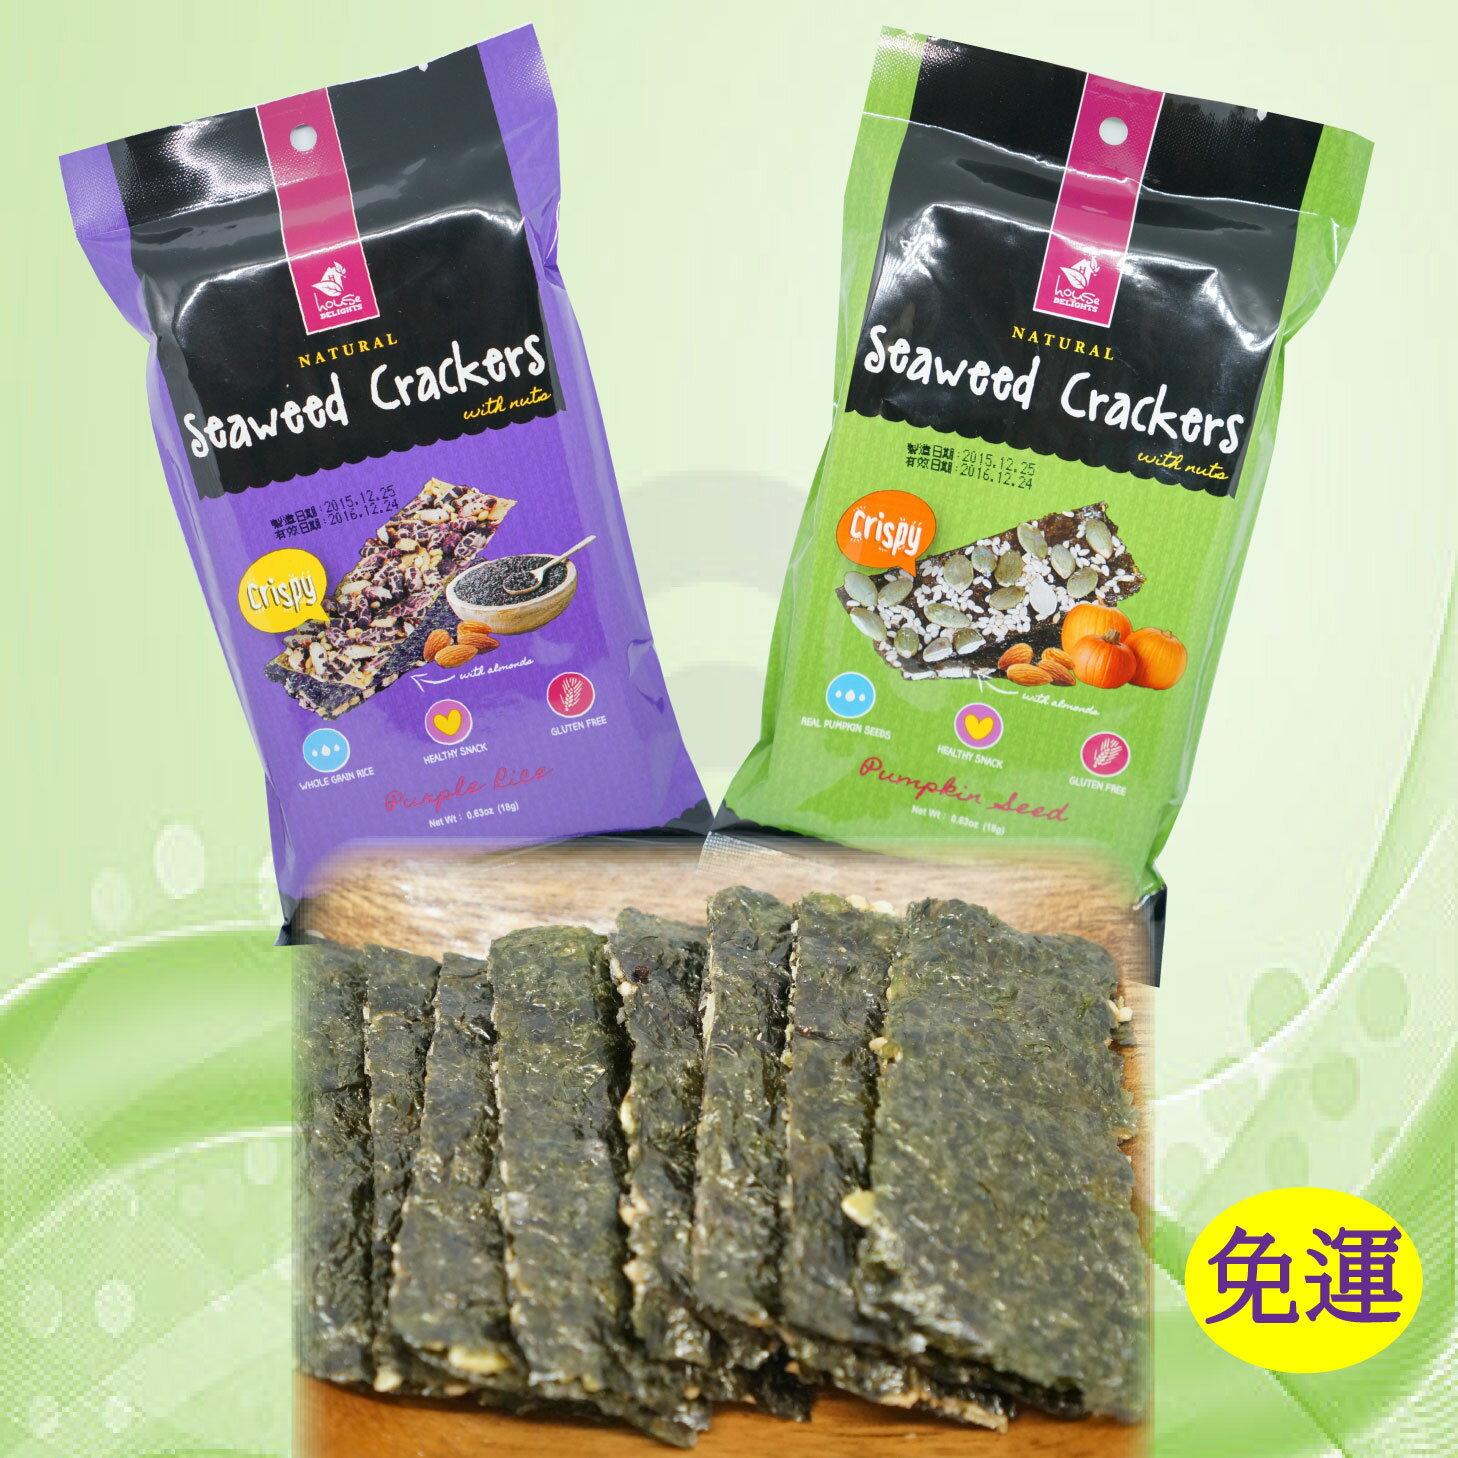 紫米/南瓜籽海苔夾心買10送2《全素》 - 限時優惠好康折扣